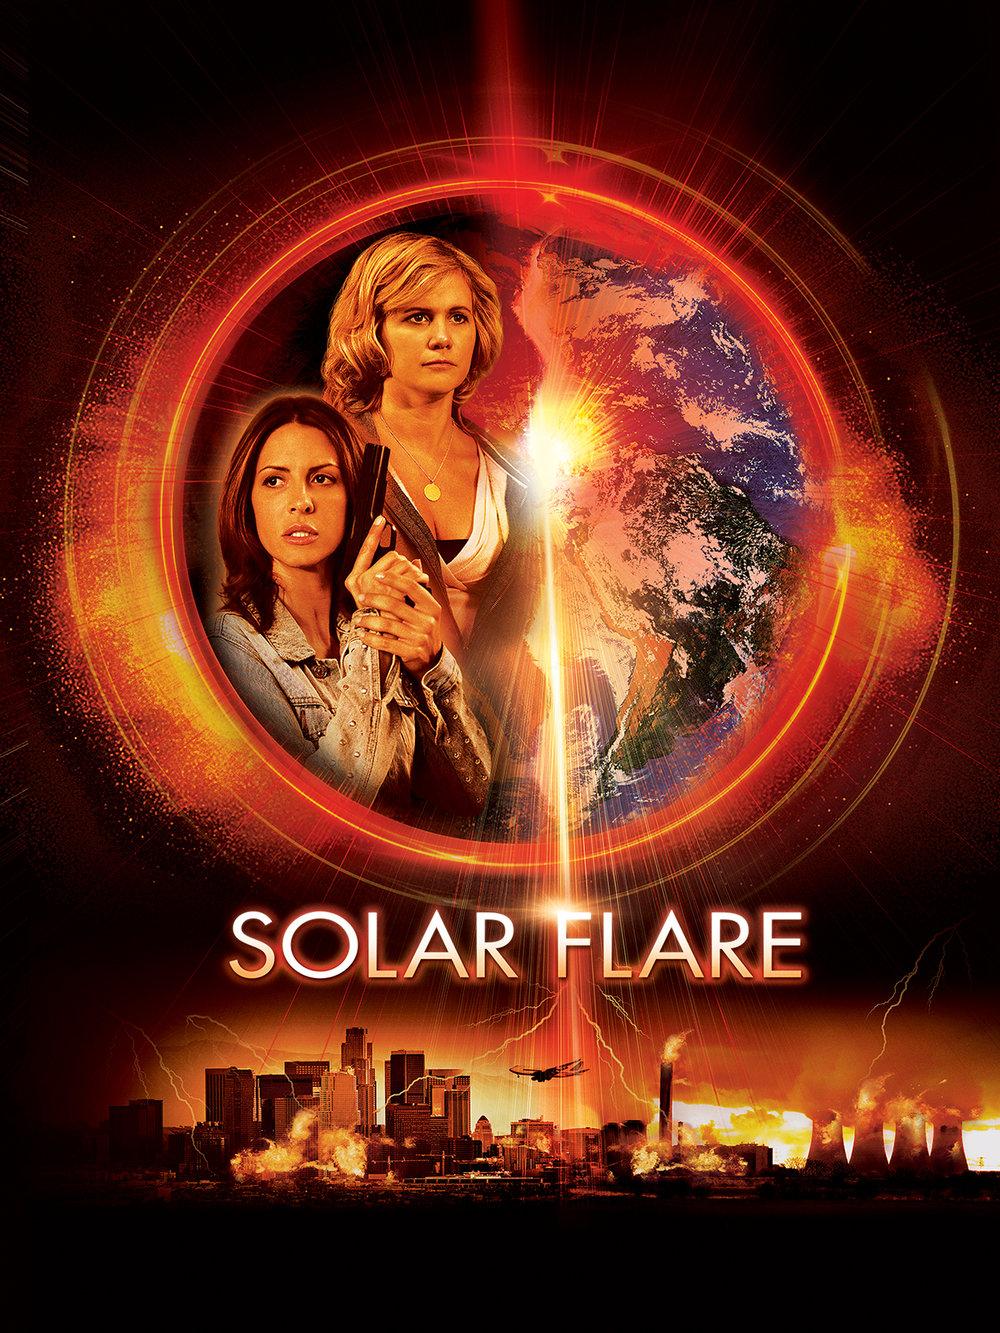 Here-SolarFlare-Full-Image-en-US.jpg